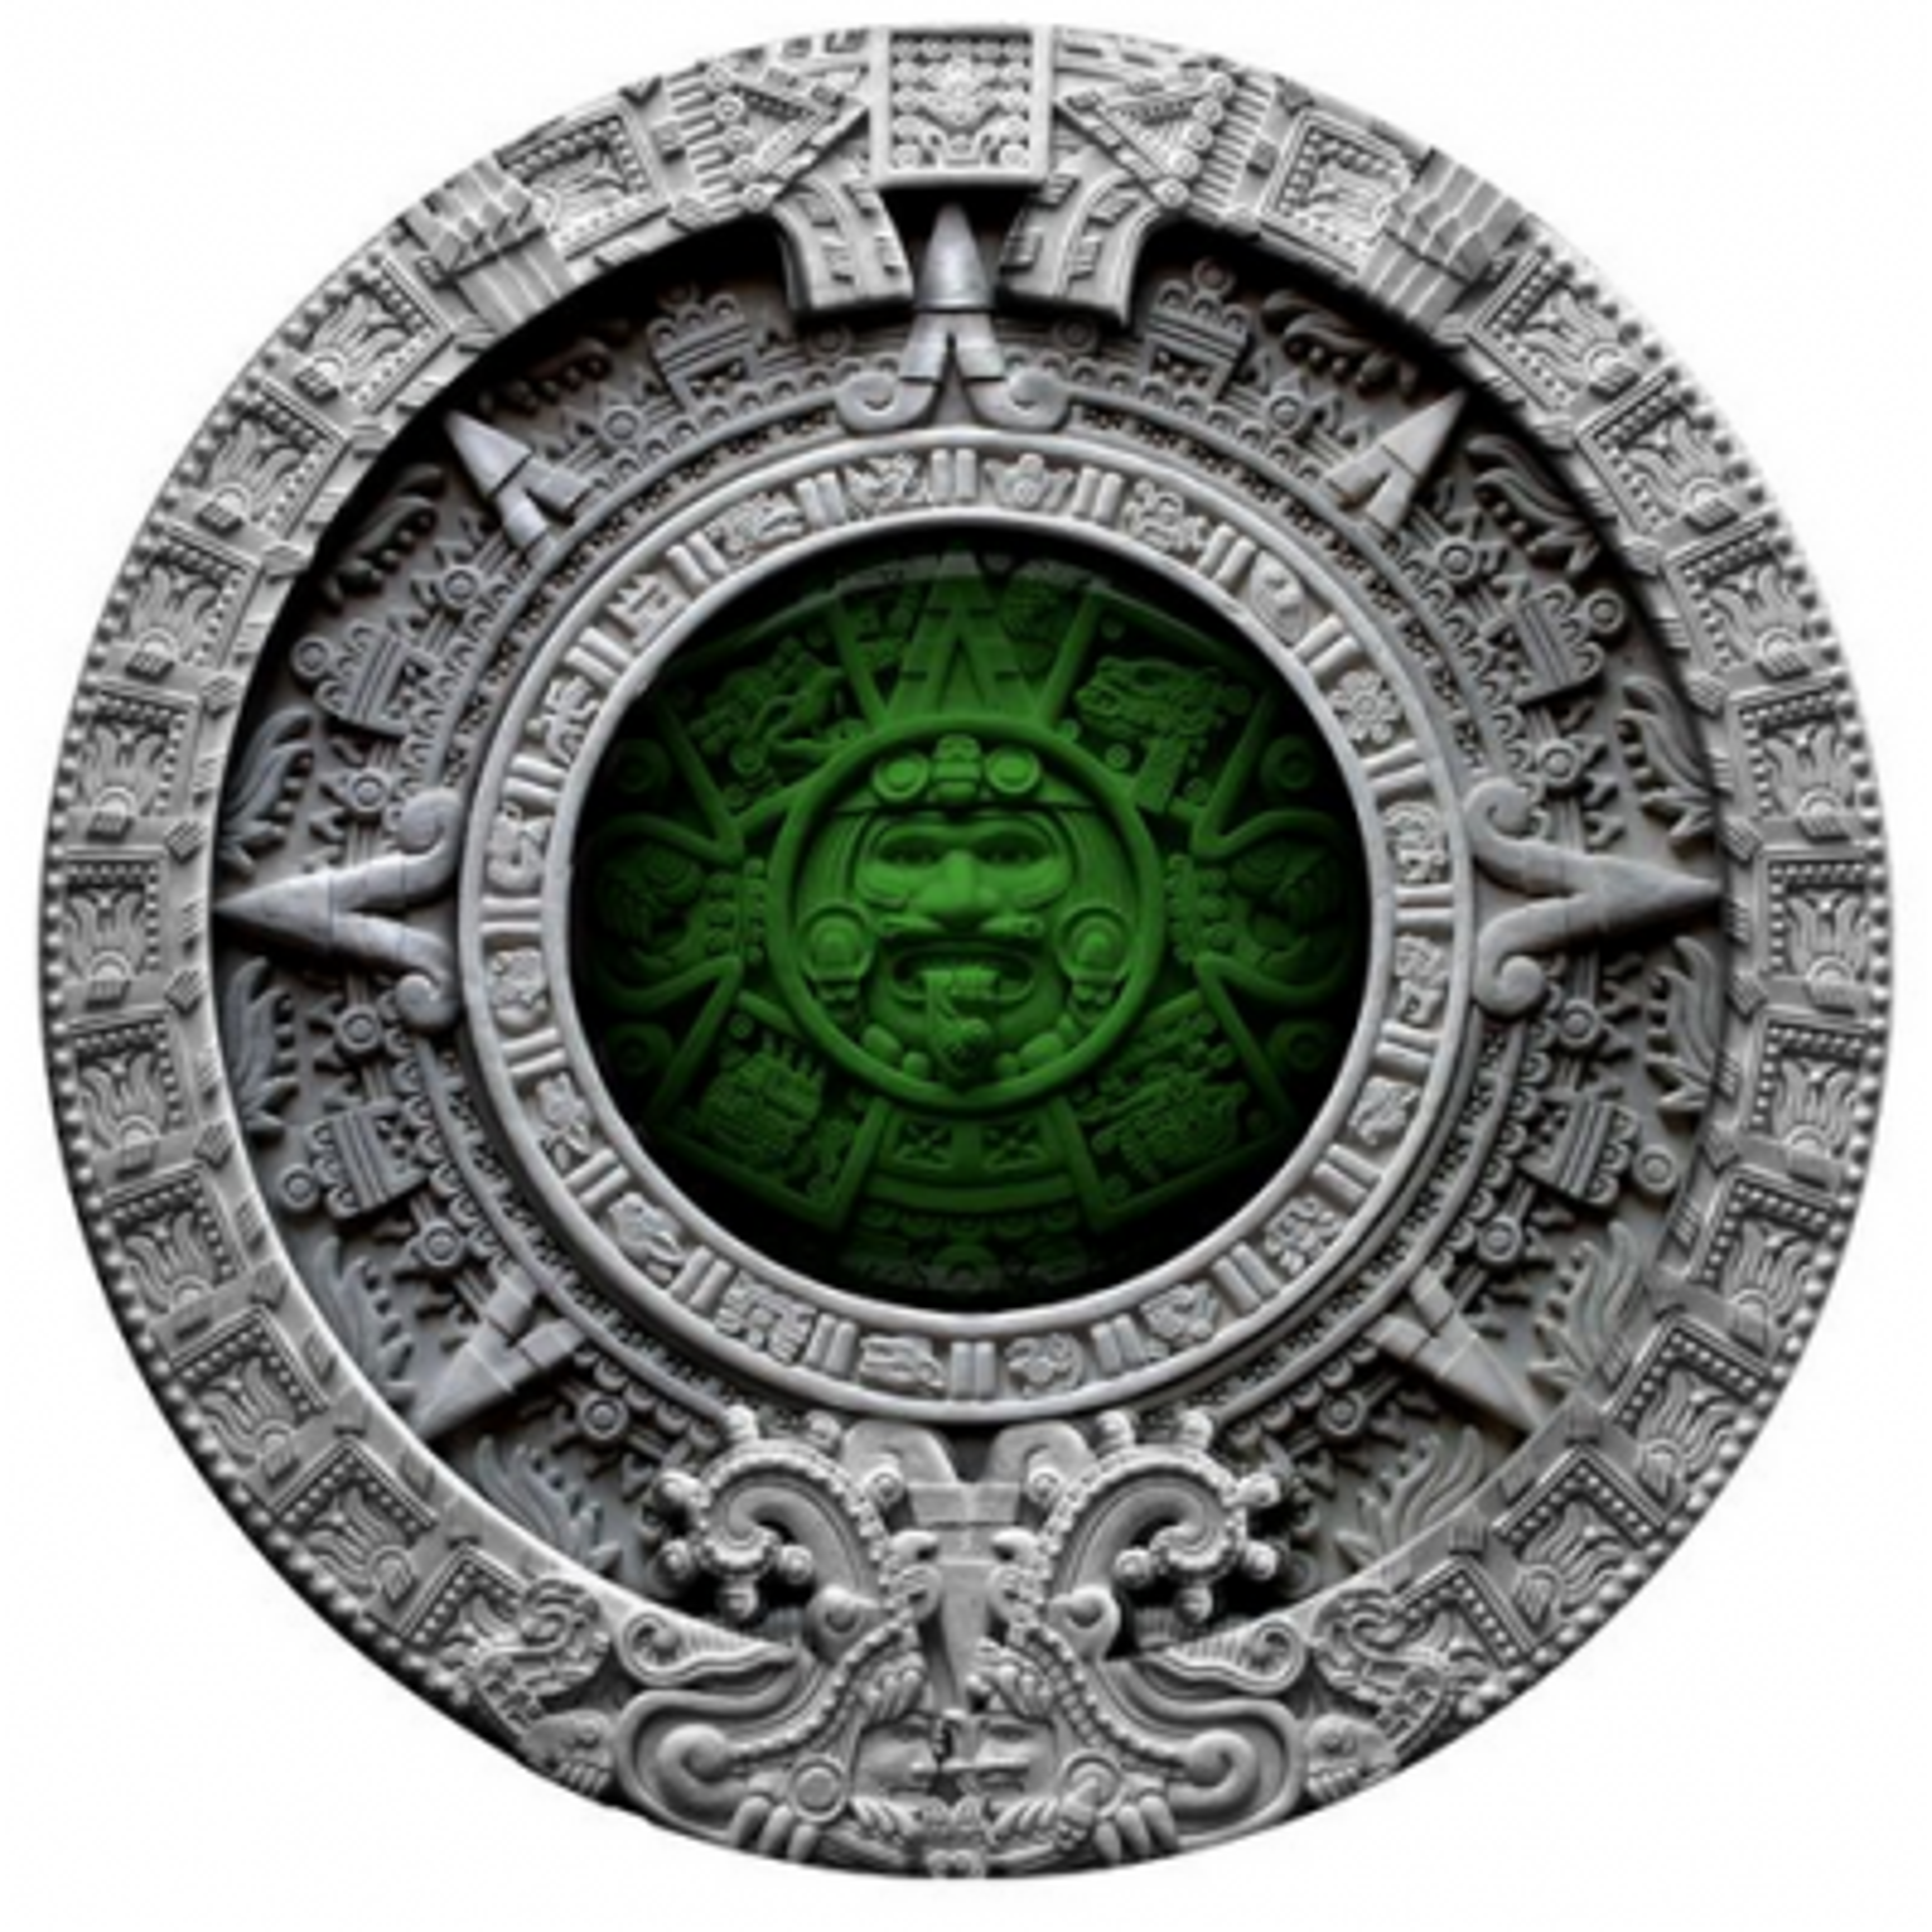 2 Troy ounce silver coin Niue Aztec calendar 2019